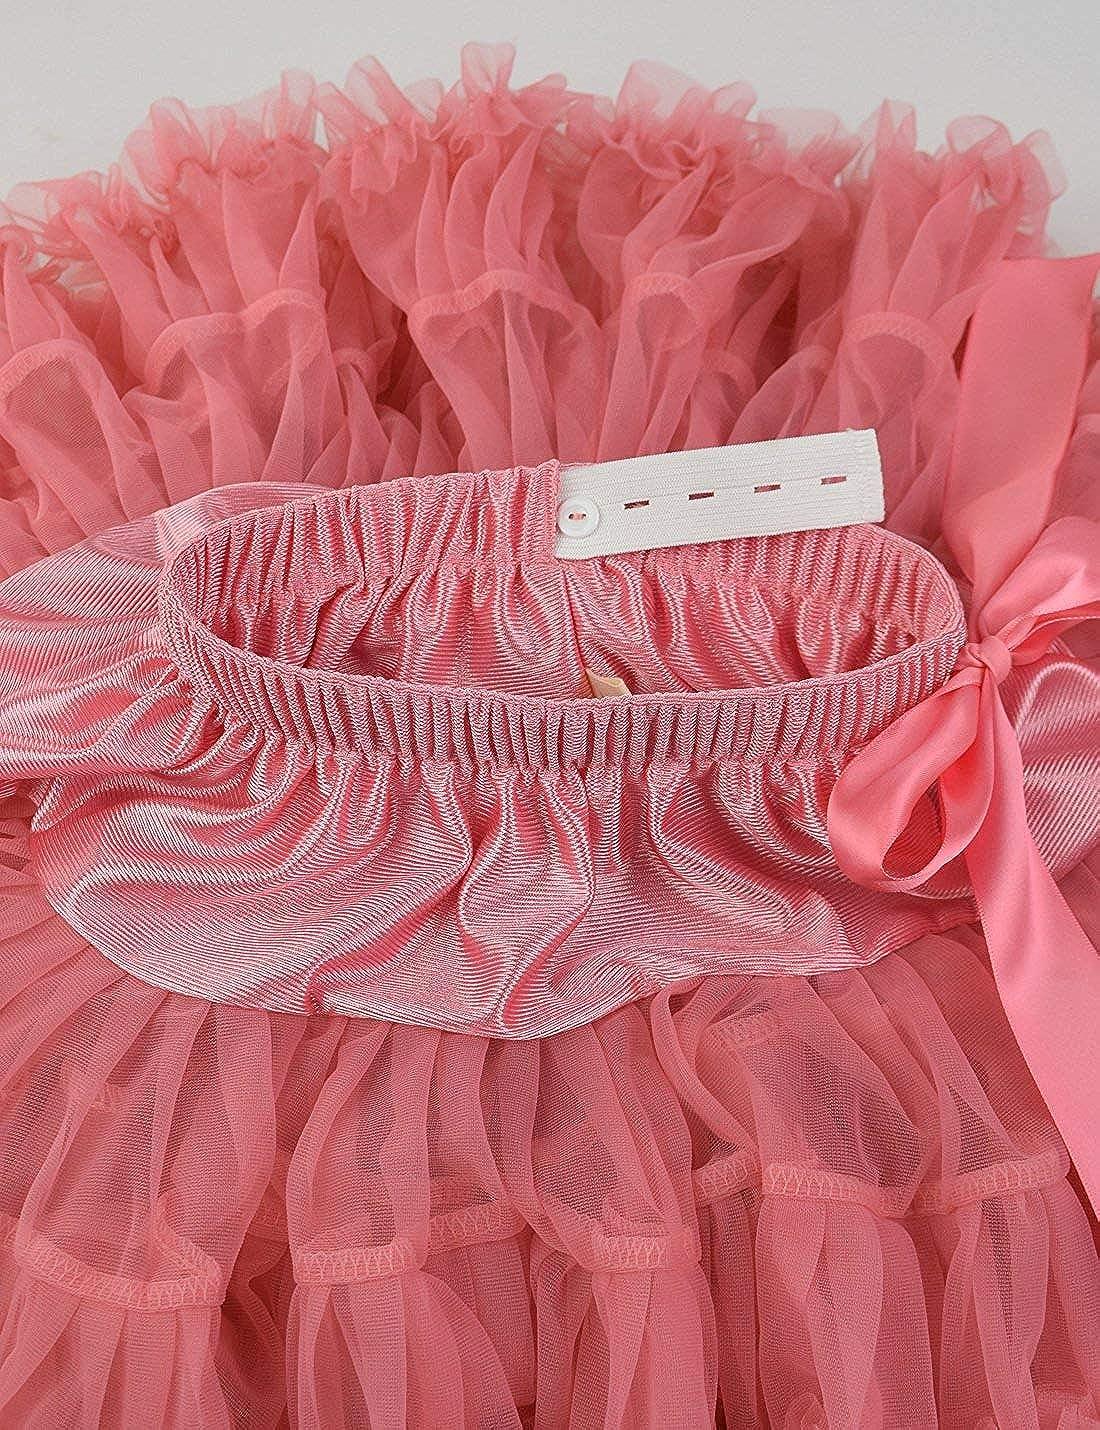 ZIYOYOR Kids Girls Princess Tutu Pettiskirt Fluffy Tulle Pleated Skirt Dance Ballet Skirt